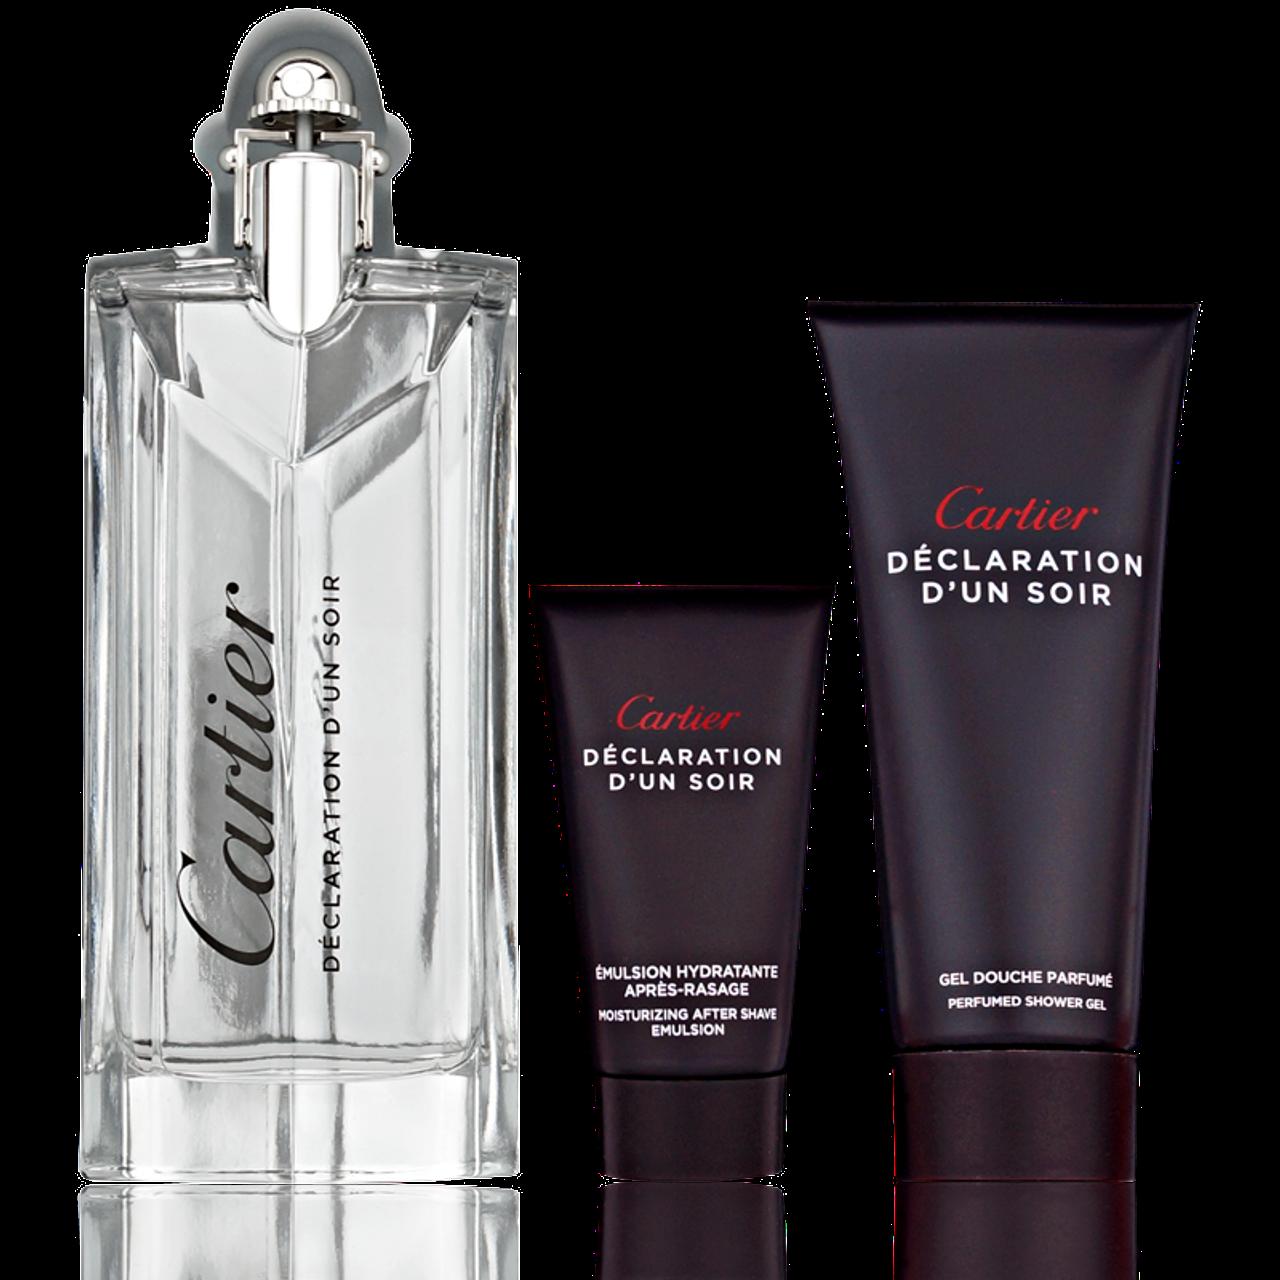 Cartier Declaration d'Un Soir EdT 100ml + Shower Gel 100ml + AS Emulsion 30ml